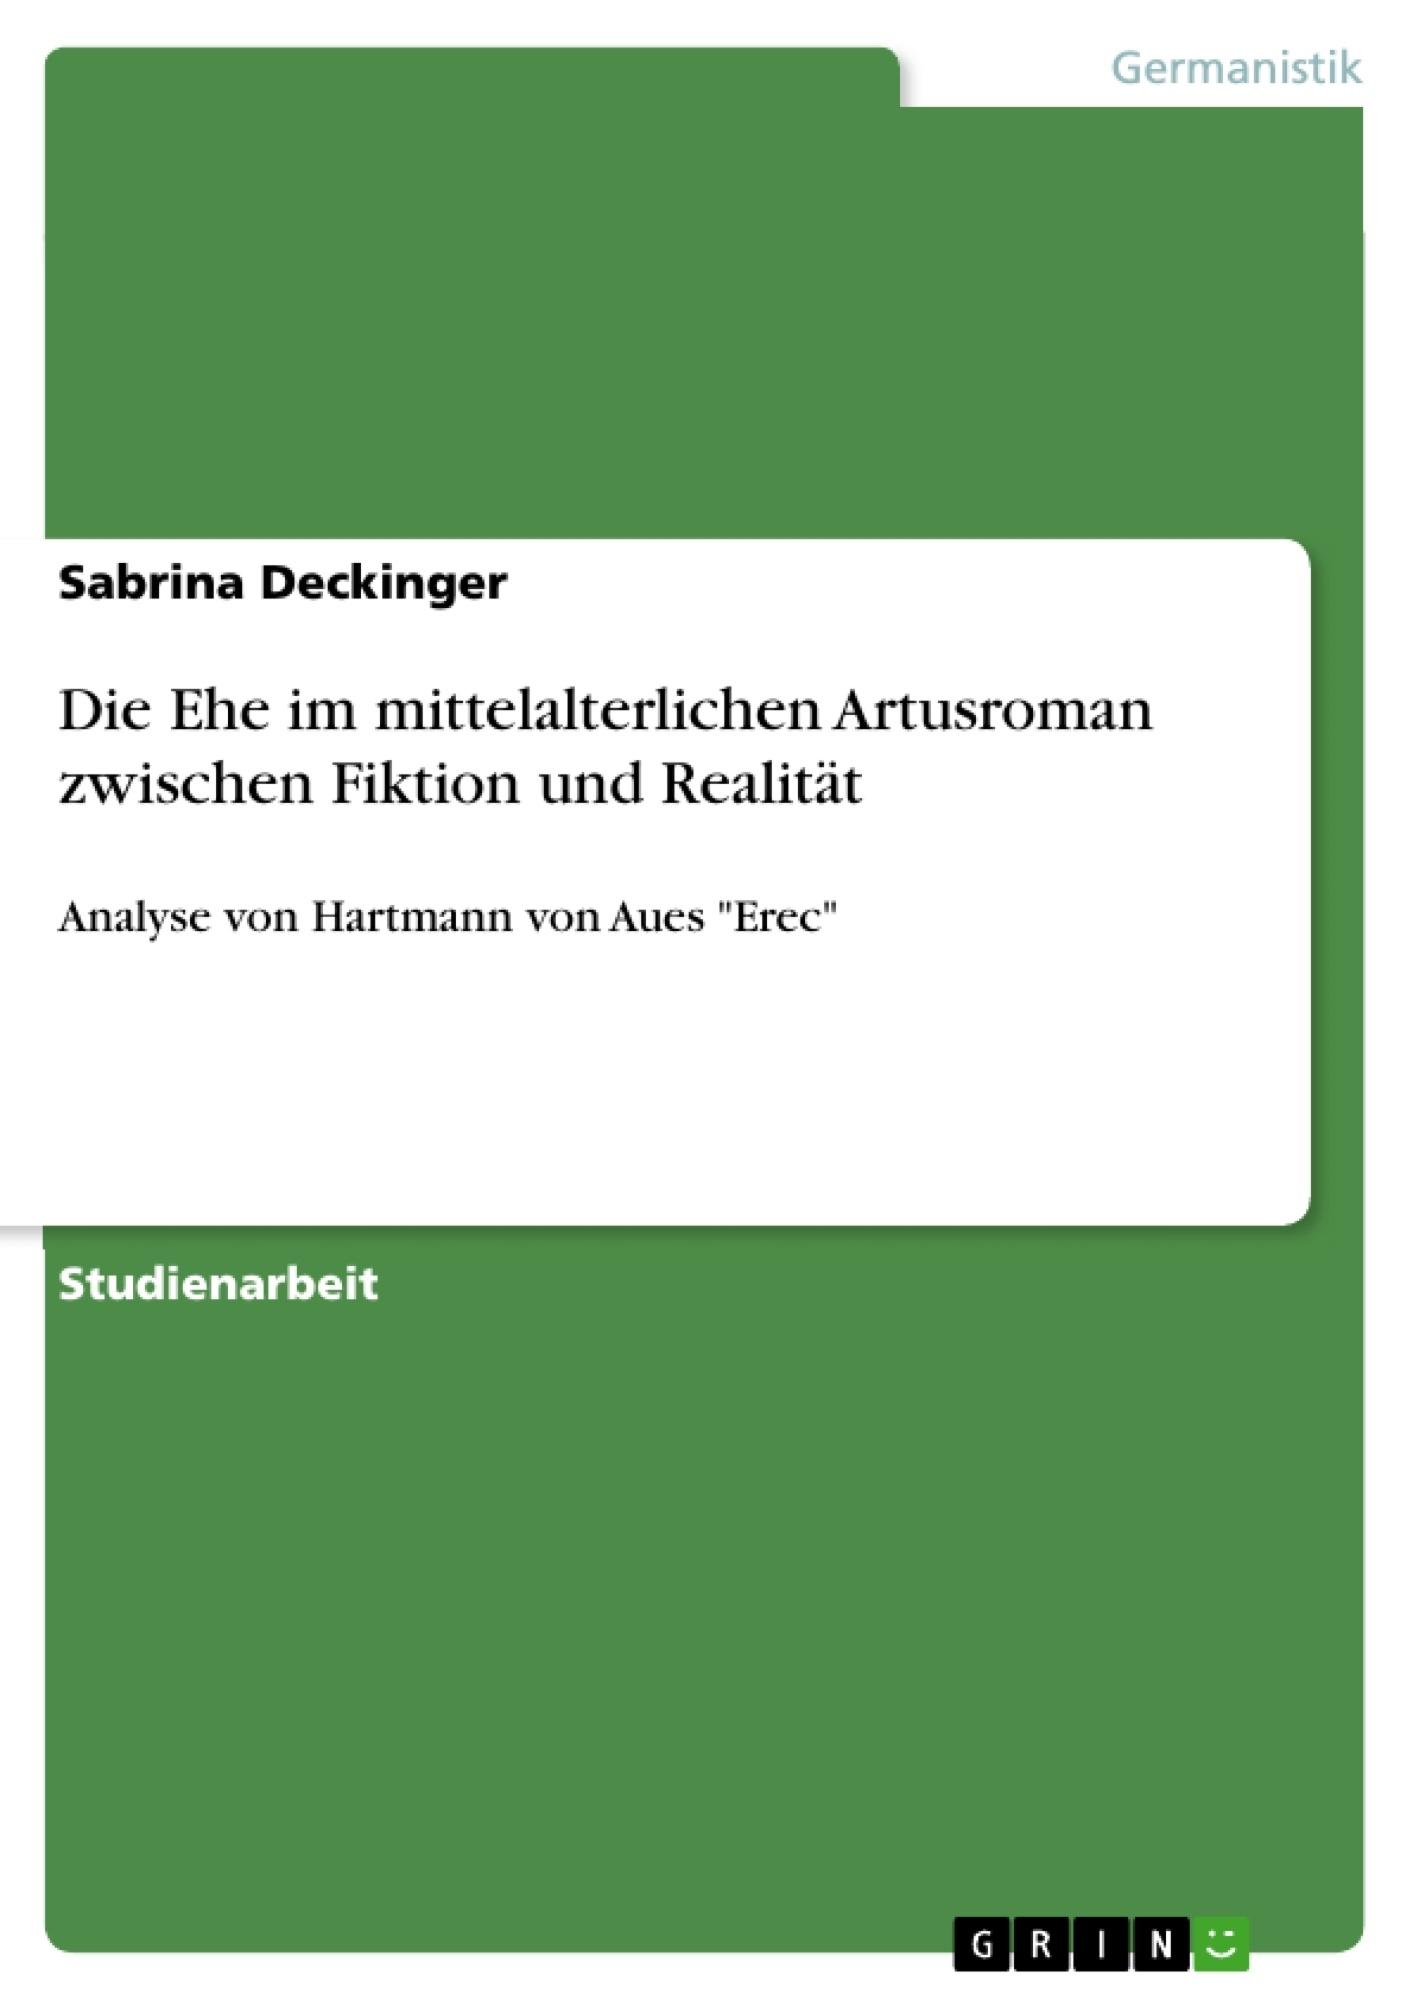 Titel: Die Ehe im mittelalterlichen Artusroman zwischen Fiktion und Realität